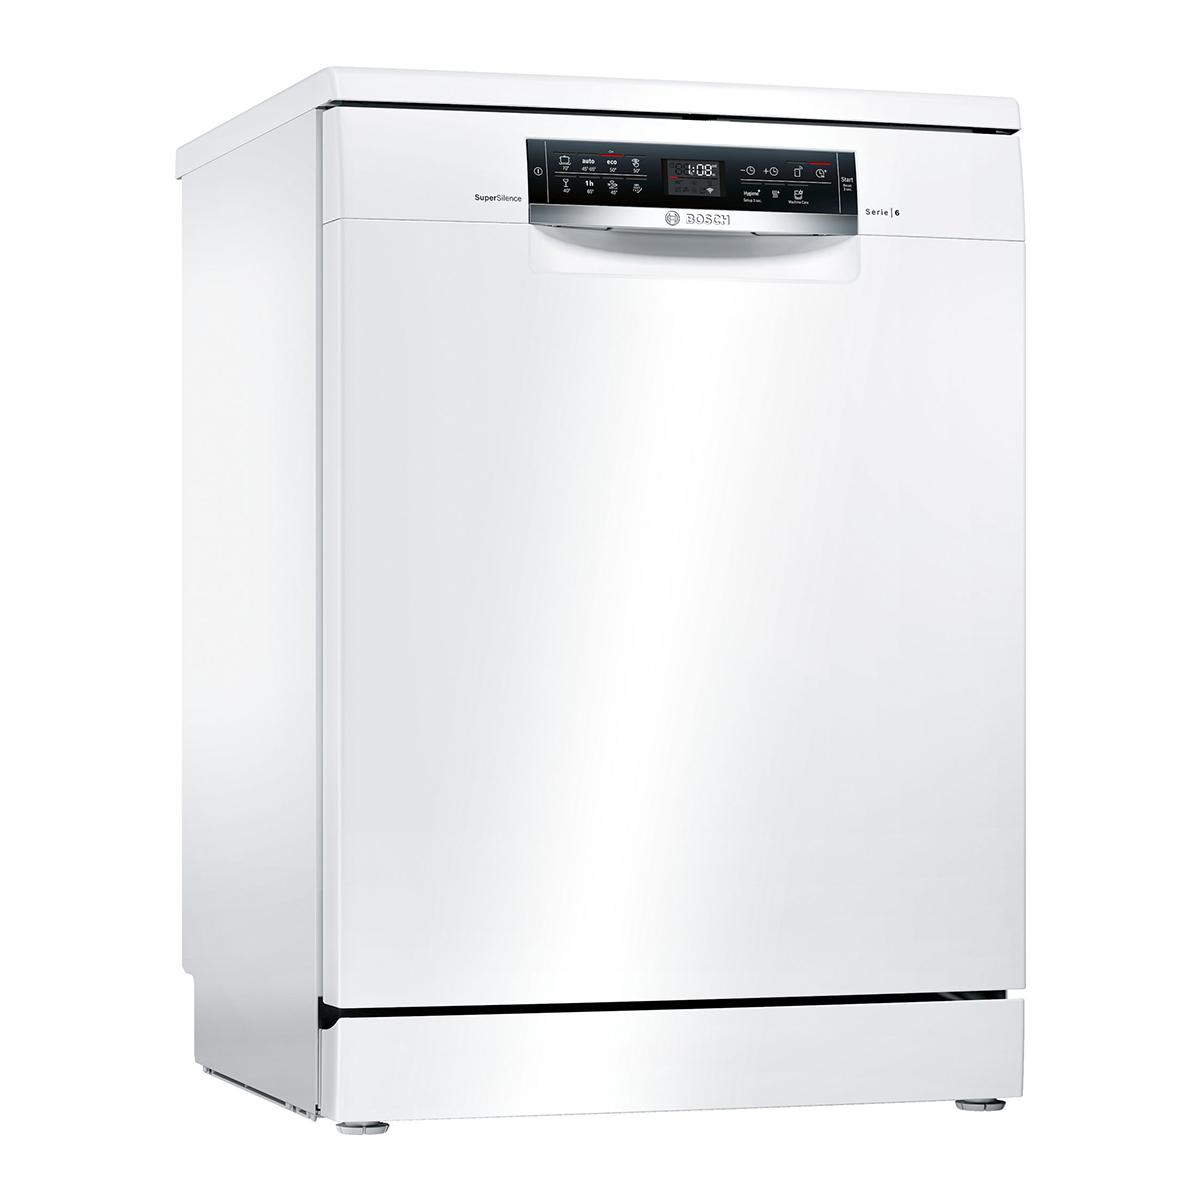 ماشین ظرفشویی بوش مدل sms68nw06e